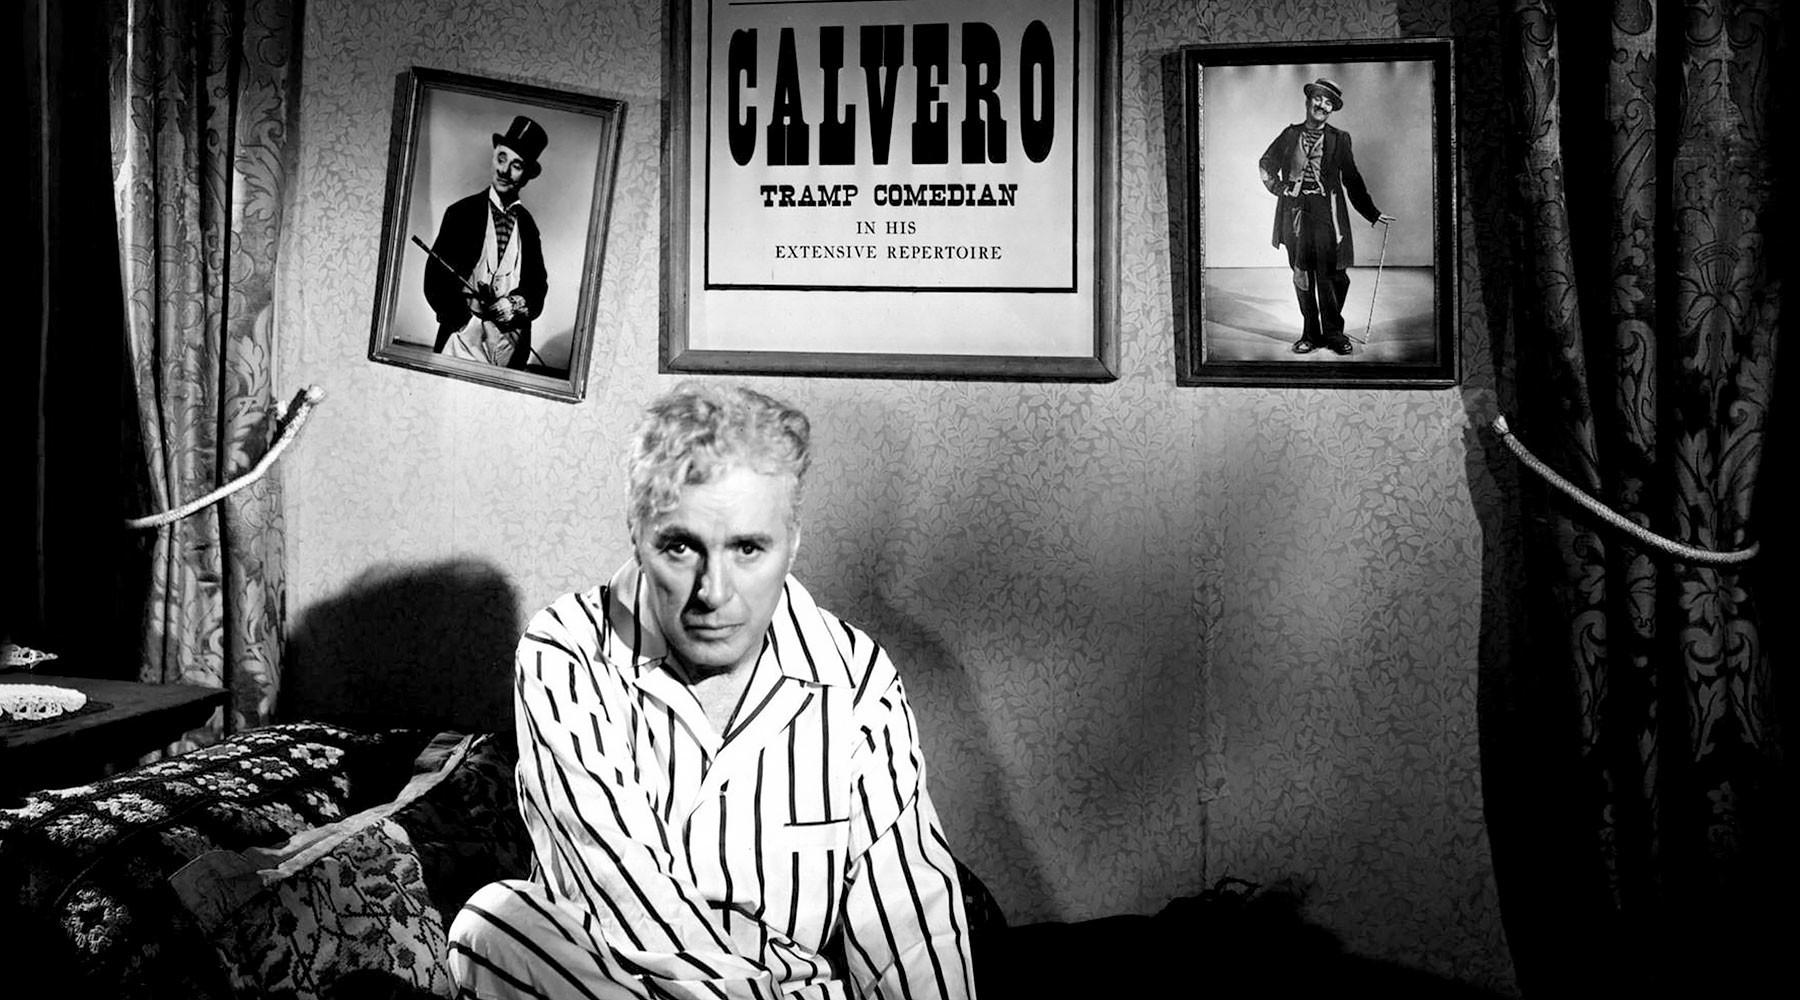 Искусство осуждать: как маккартизм сделал Чаплина и других американских актёров персонами нон грата